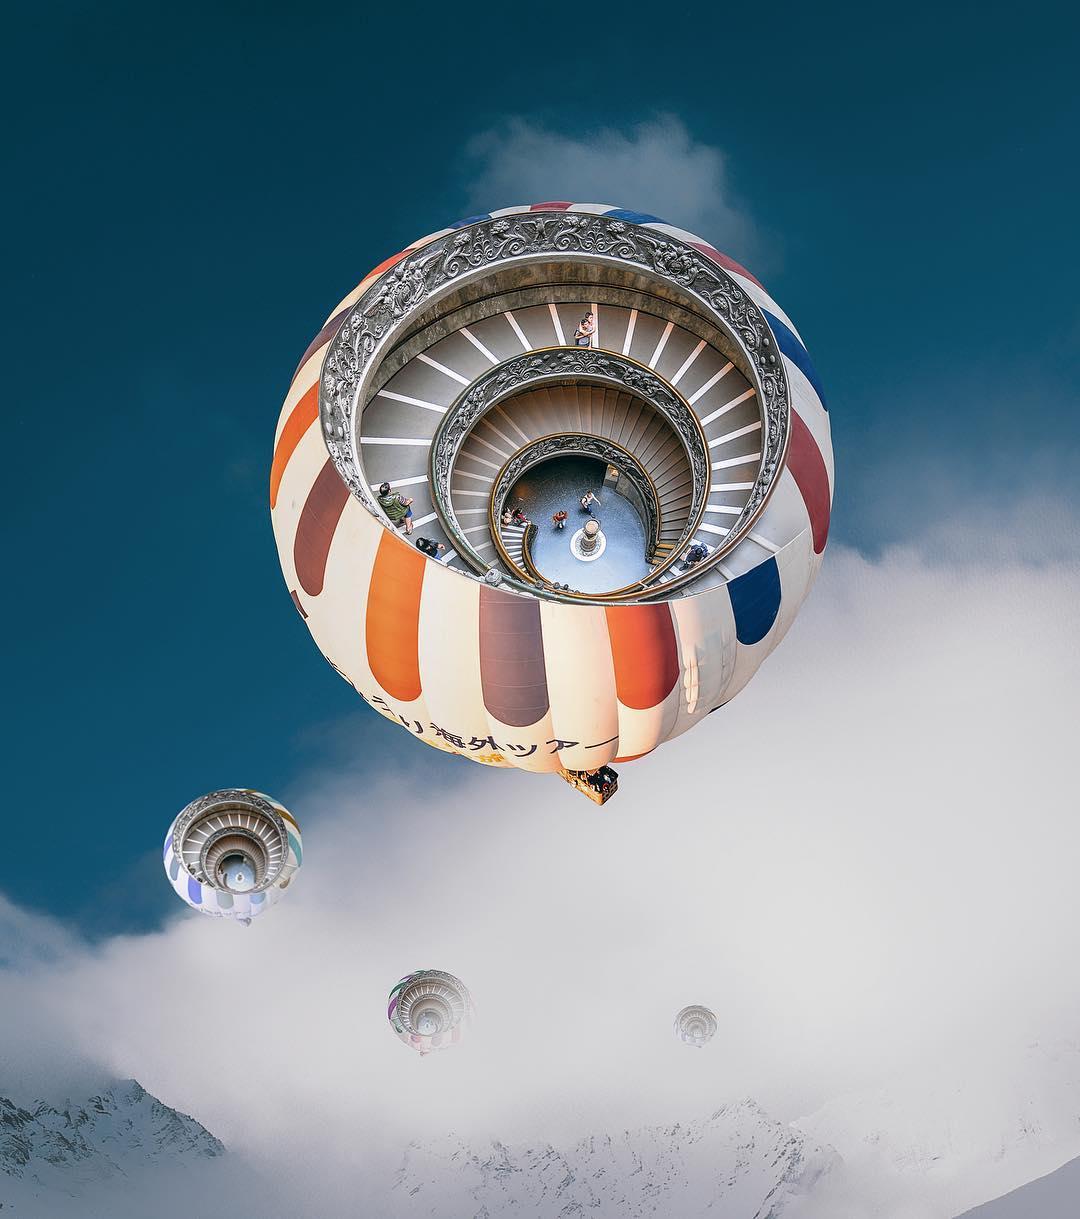 Впечатляющие фотоколлажи от Хусейна Шахина